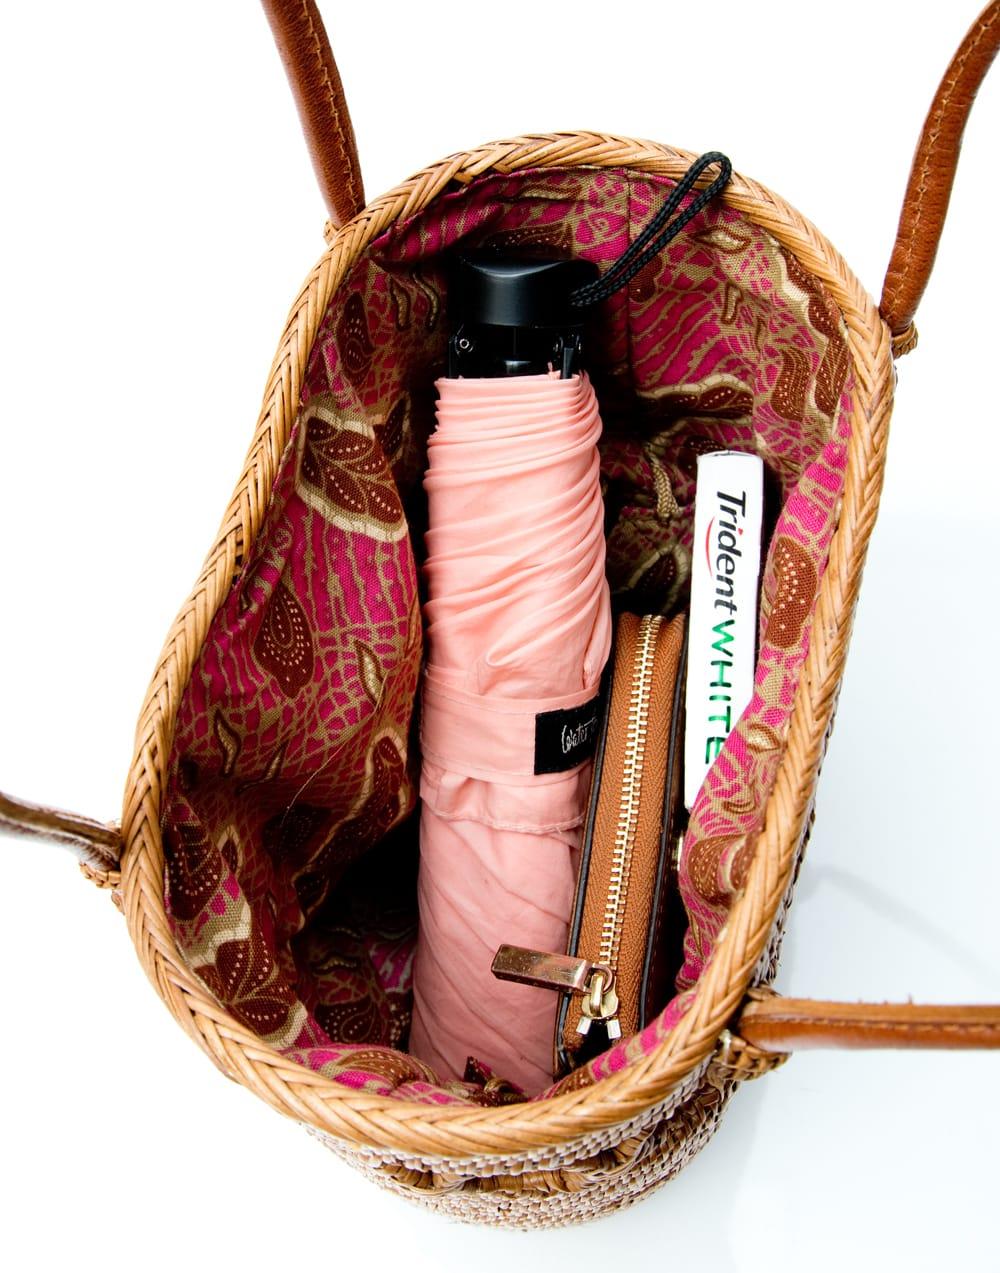 アタかご 巾着バッグ ココナッツボタン付き 発祥の地トゥガナン村で手作り【約19cm x 19.5cm】 12 - 日用品を比較用に少し入れてみました。このくらいのサイズ感です。